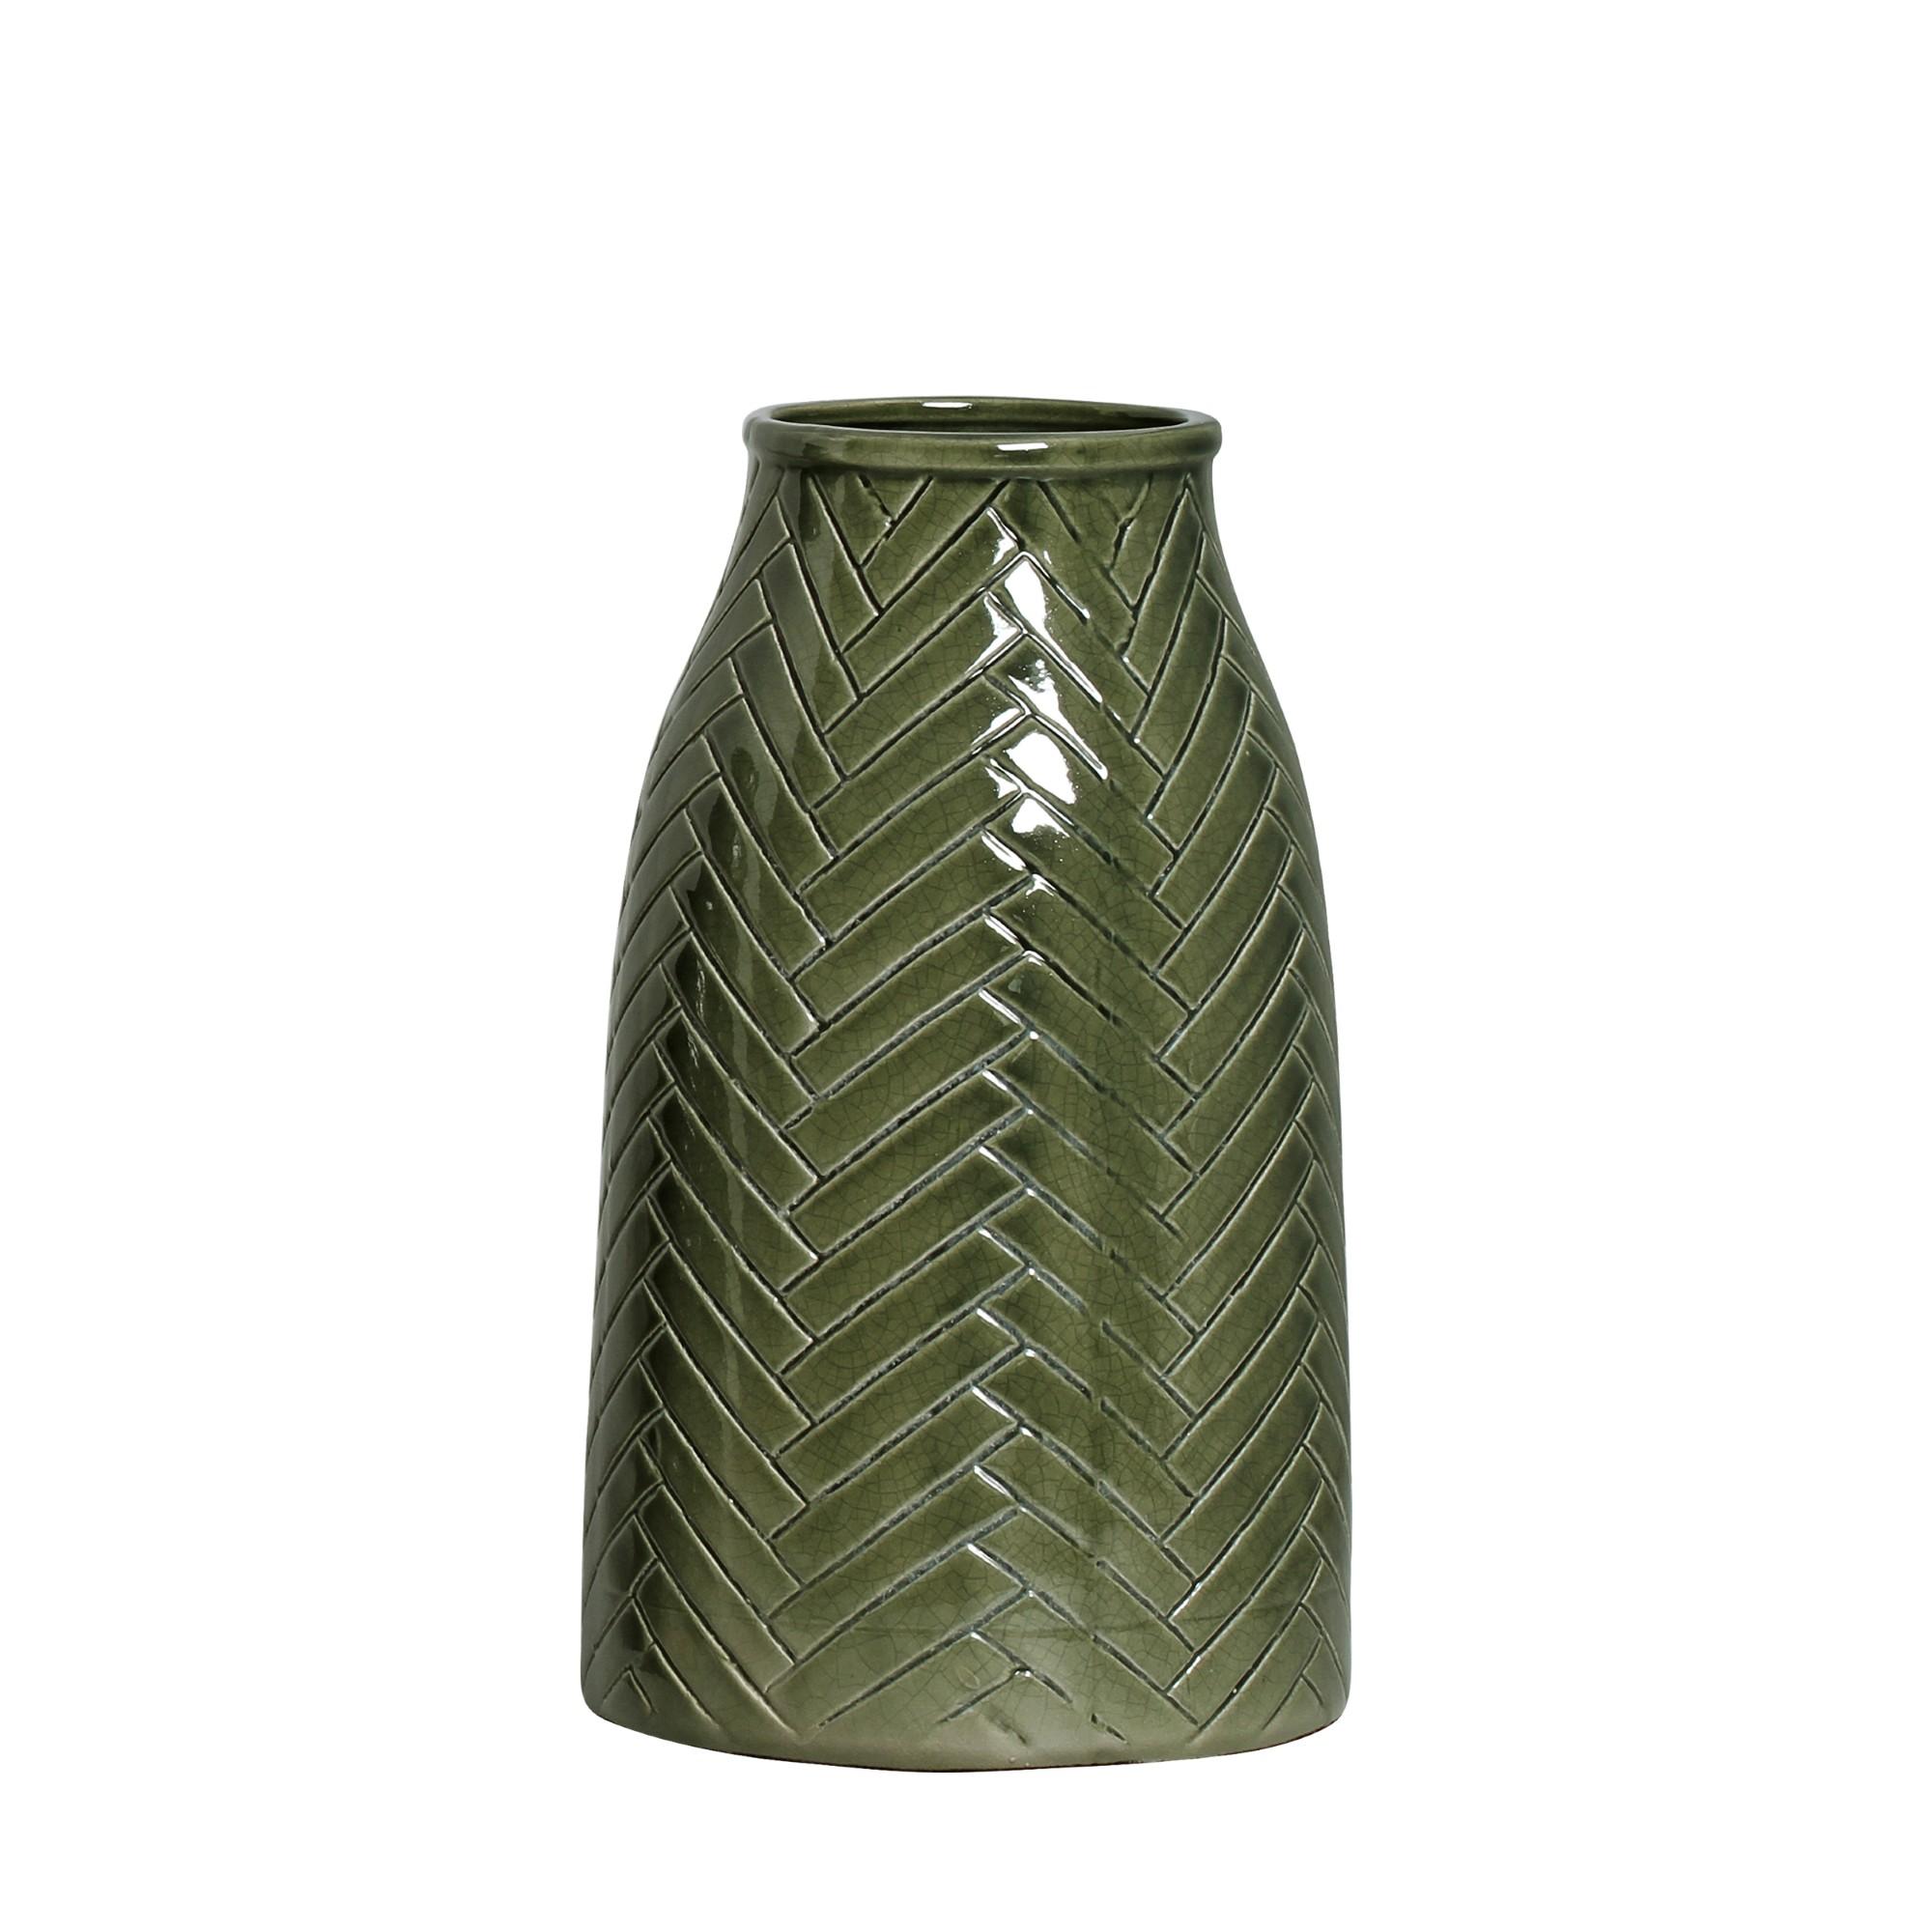 Vaso Decorativo Ceramica 31cm Redondo Verde Musgo 5291 - Ana Maria